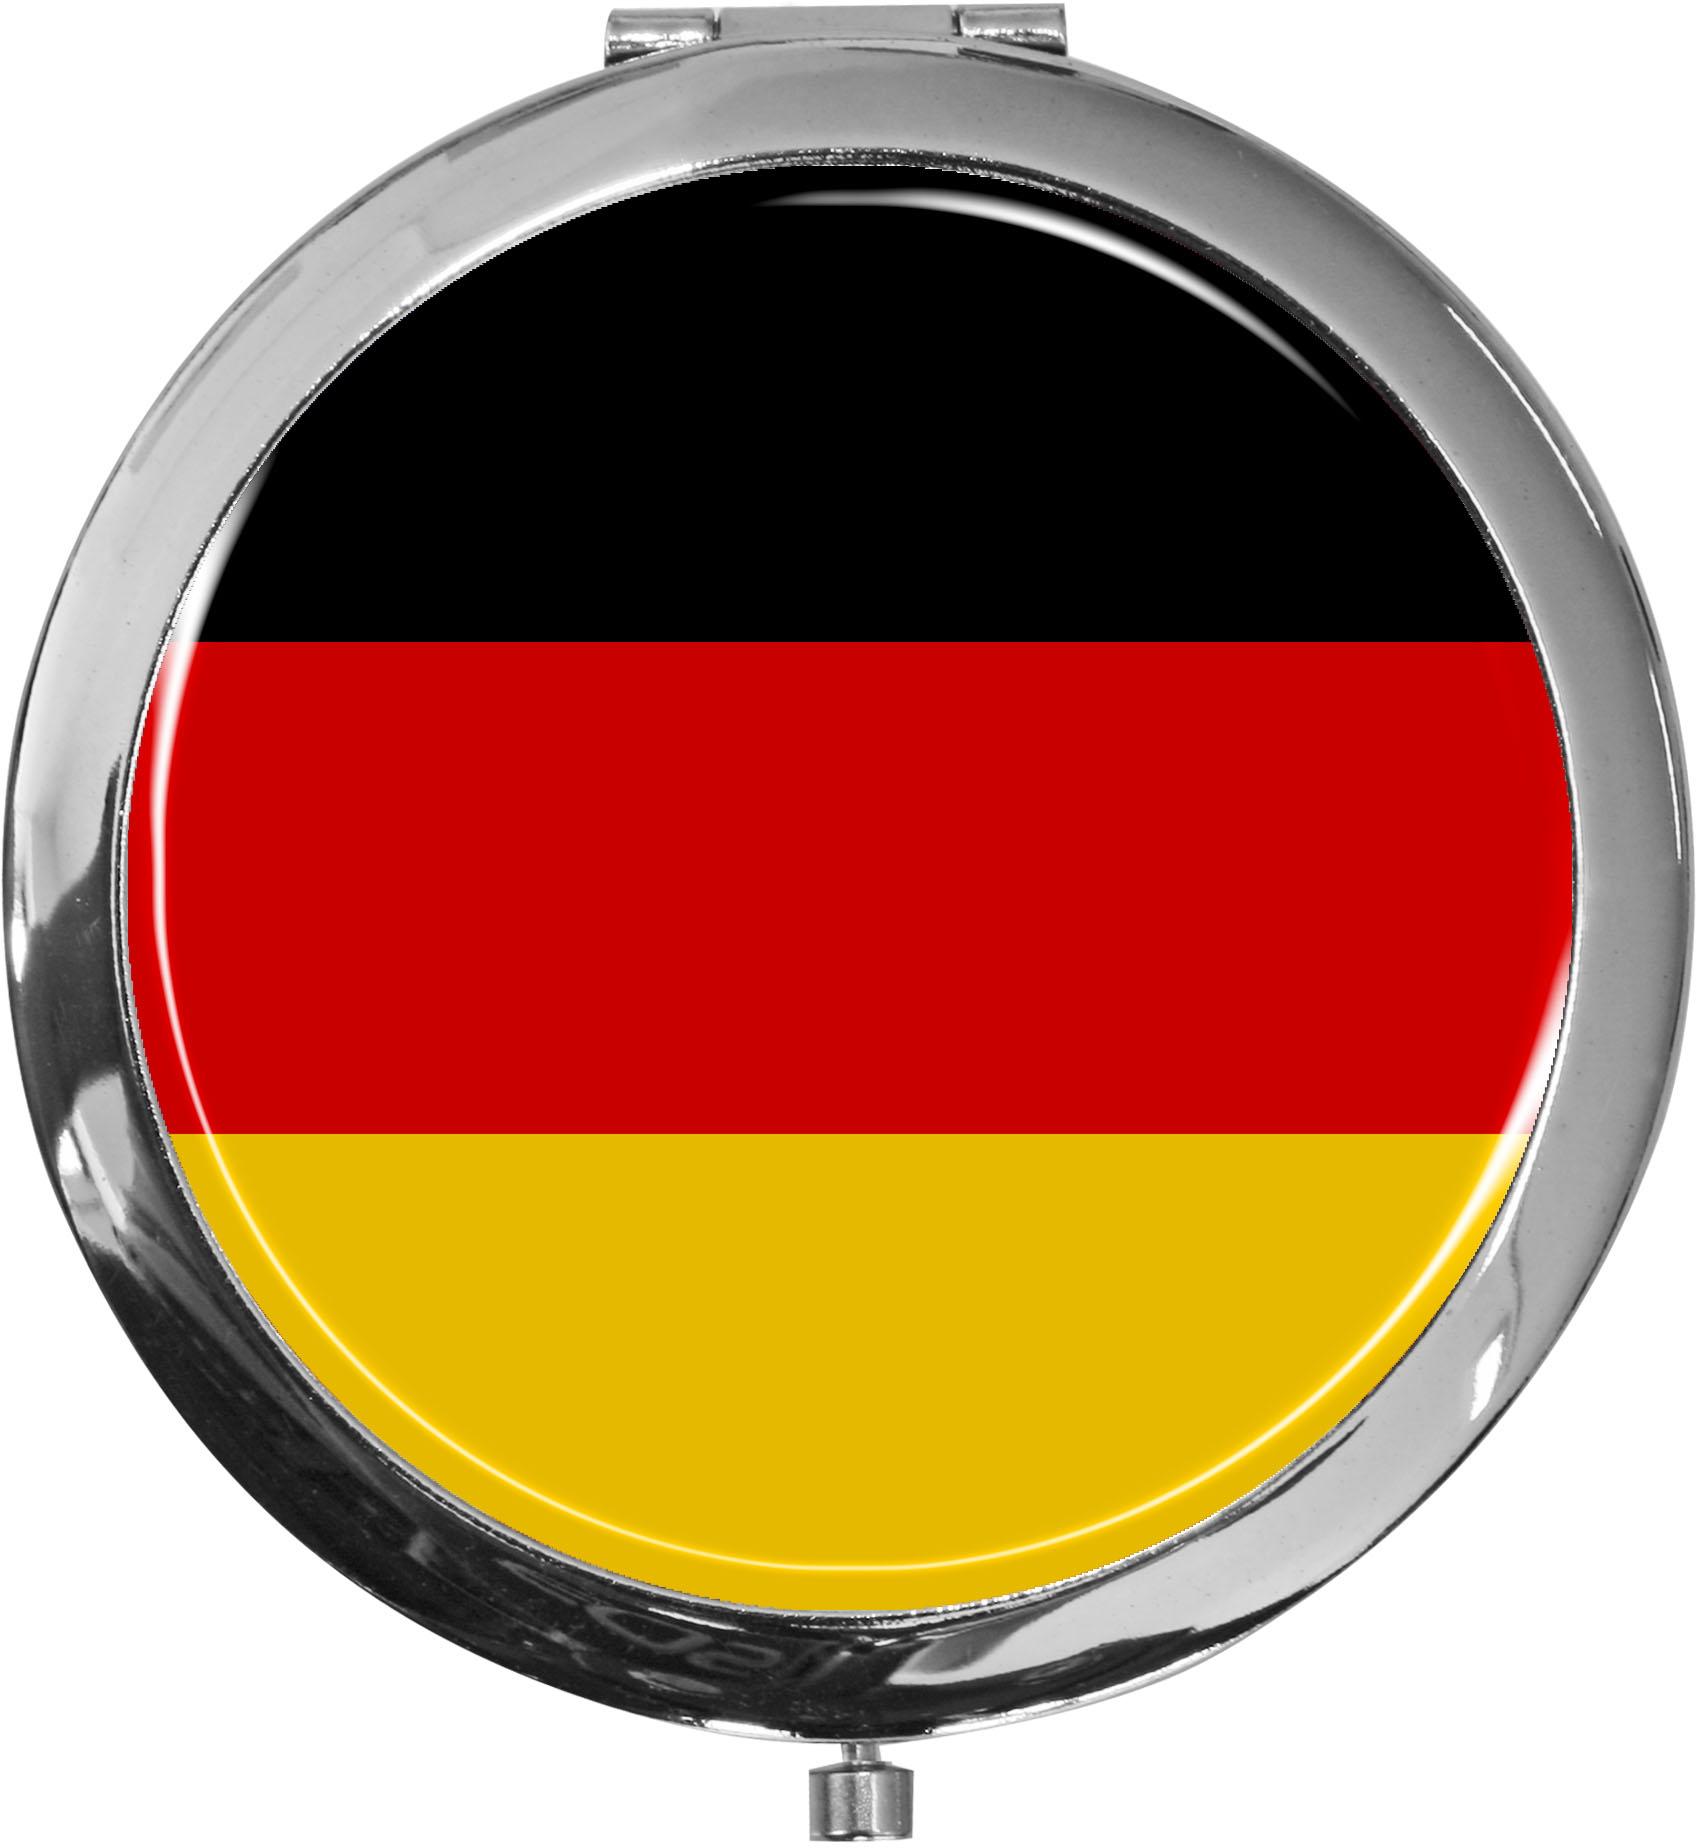 Taschenspiegel / Spiegel / Flagge Deutschland / 2 fache Vergrößerung